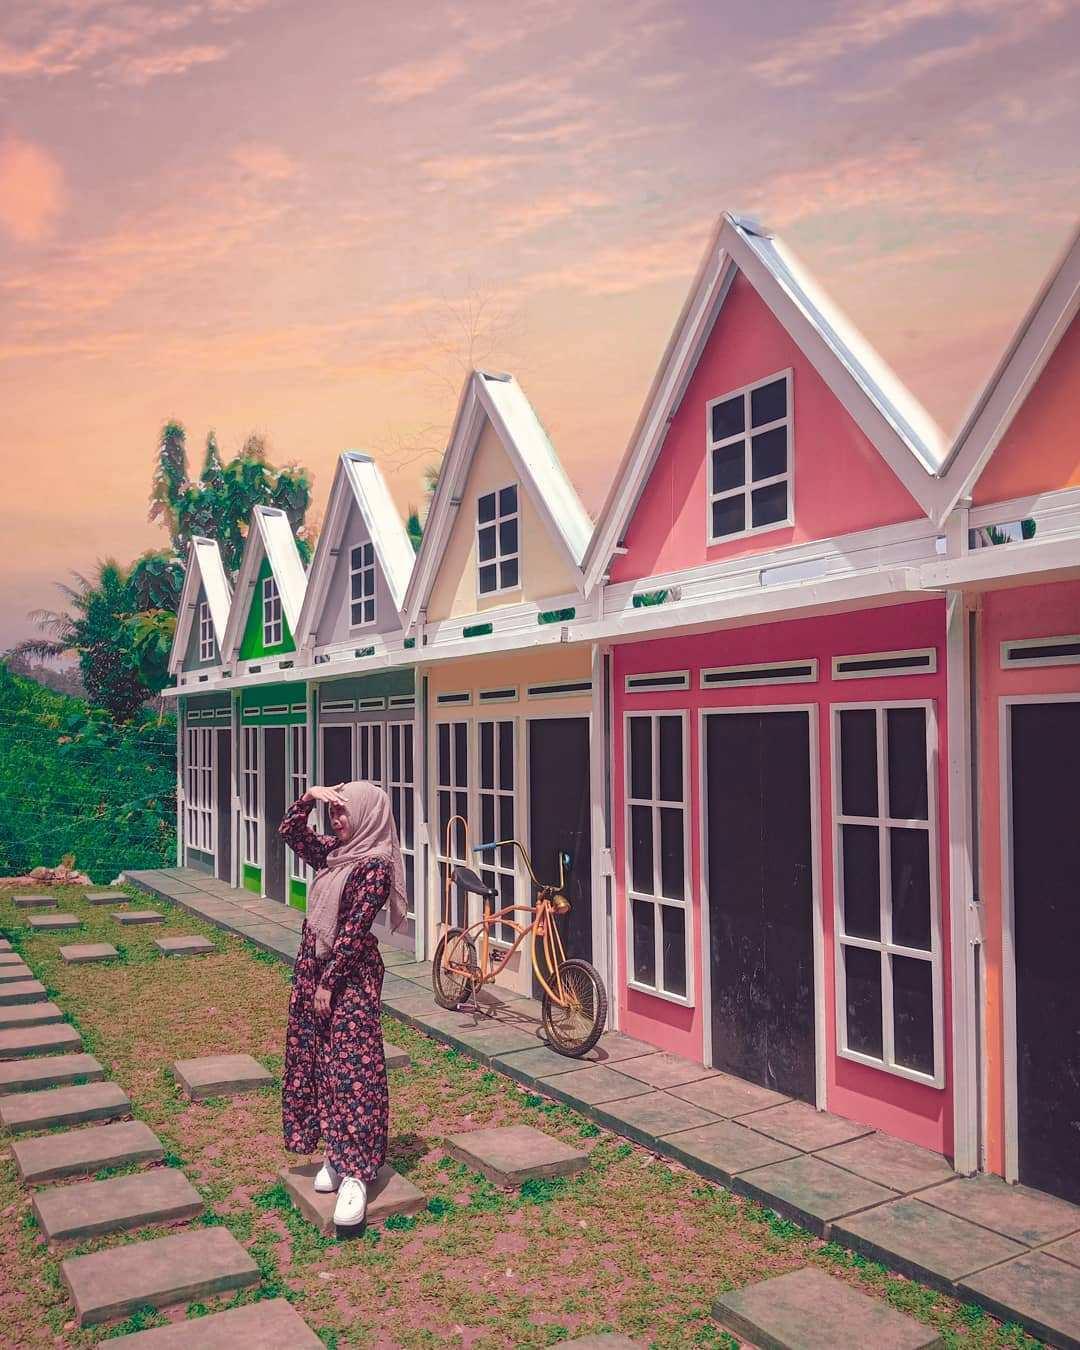 Rumah Warna Warni di Lengkung Langit Lampung, Image From @nop.nop95